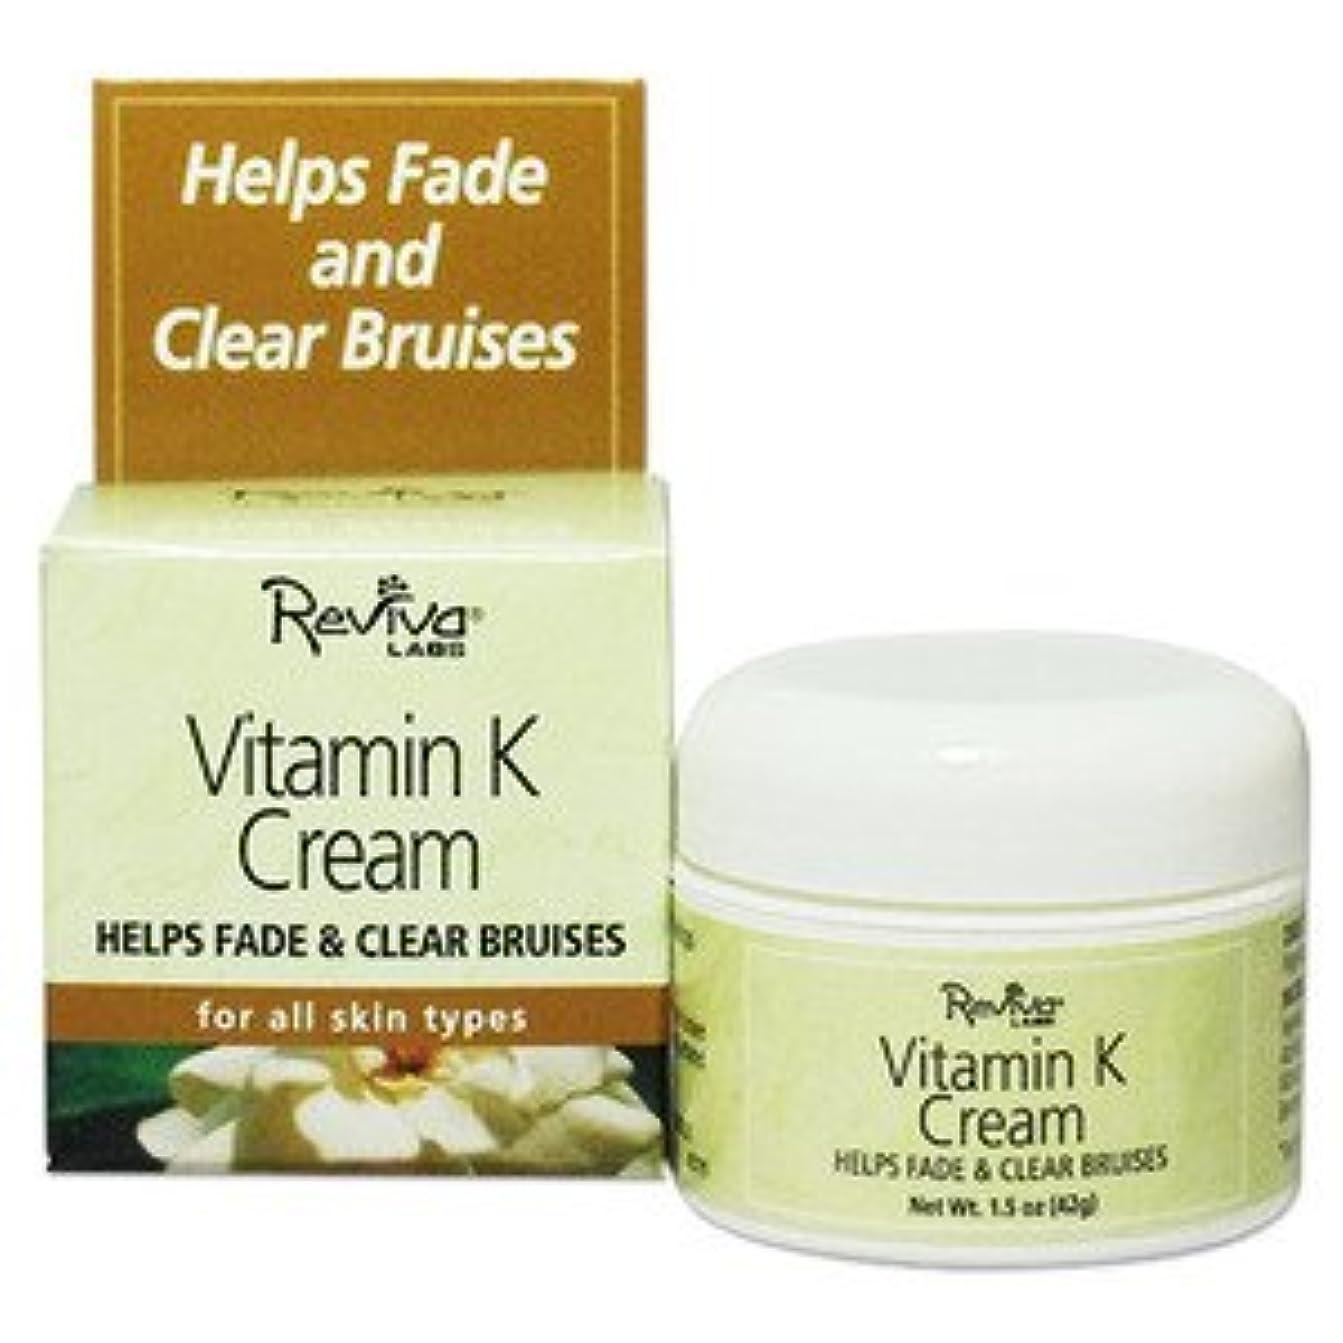 受付壁信念Reviva Labs レビバ社 Vitamin K Cream  (42 g)  ビタミンK クリーム 海外直送品